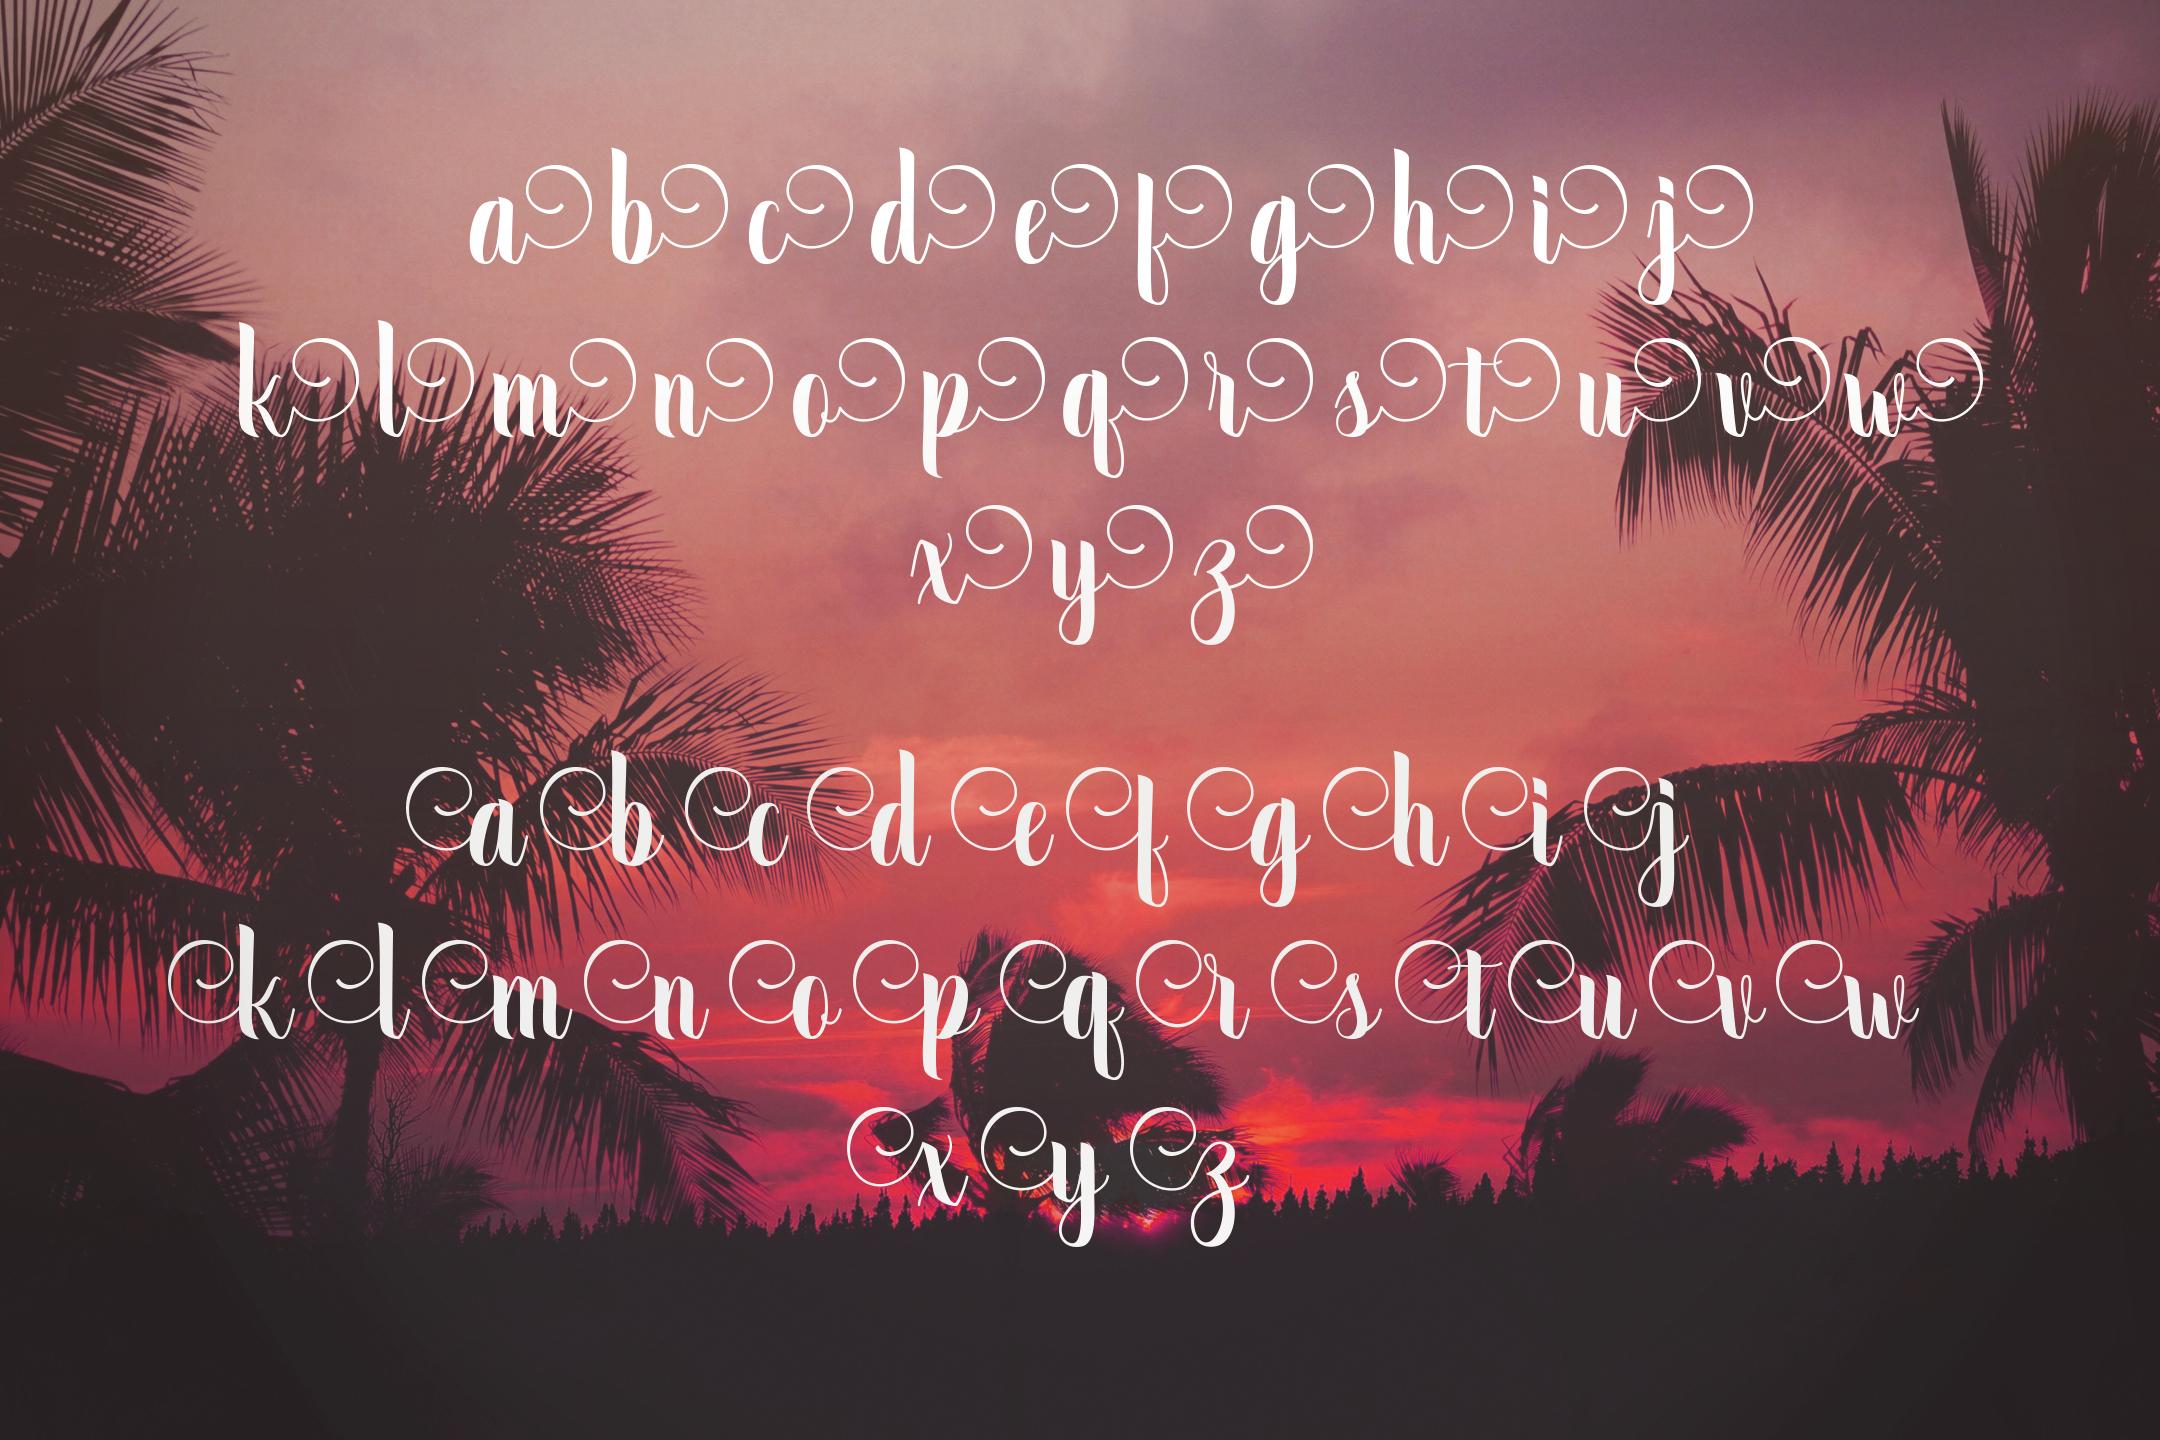 September Script example 2